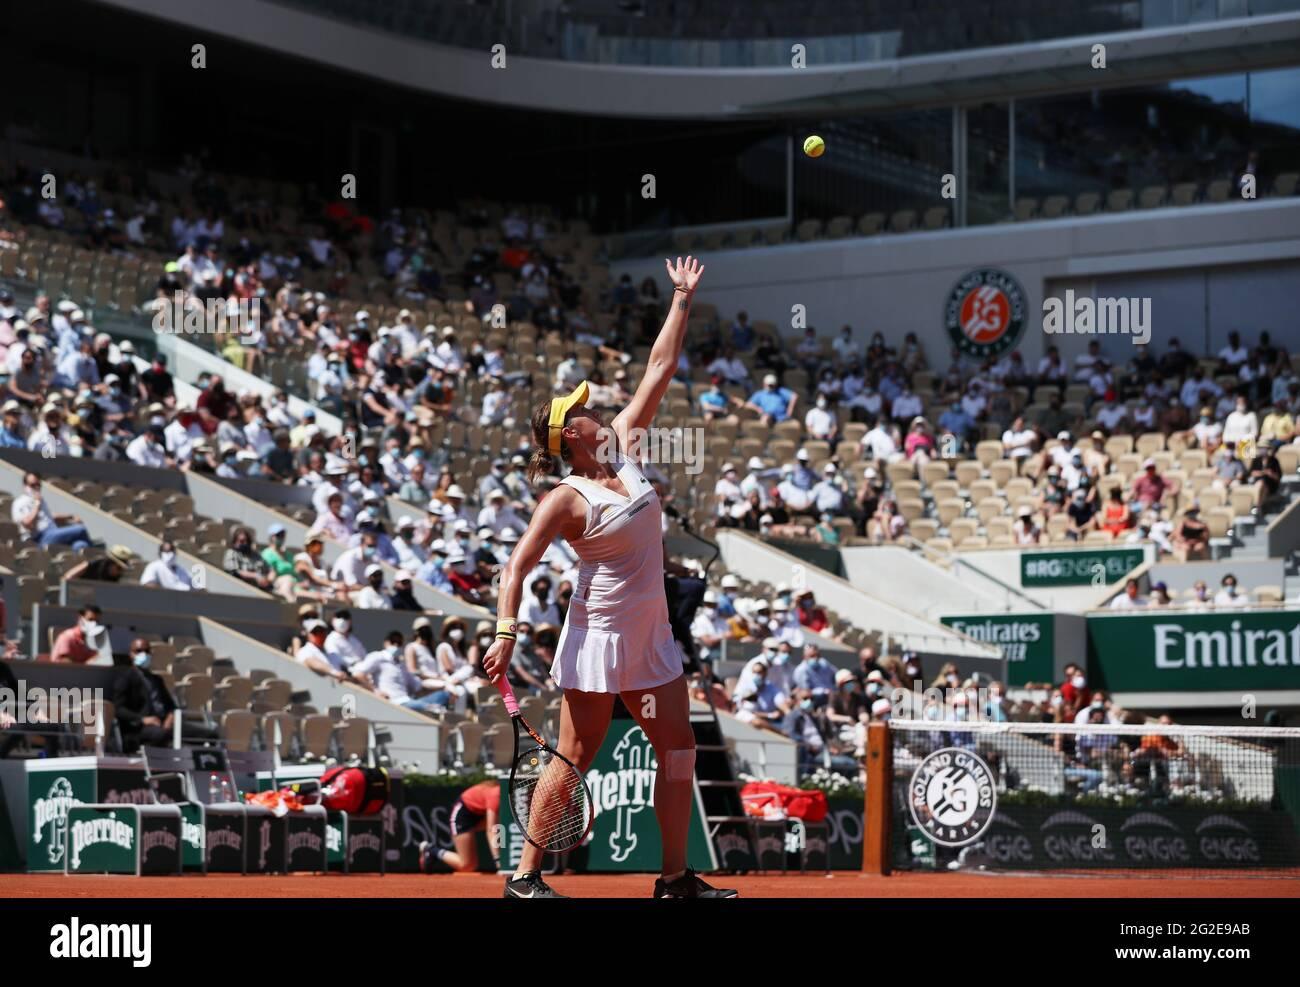 Paris, France. 10 juin 2021. Anastasia Pavlyuchenkova de Russie sert pendant le match semi-fin féminin entre Anastasia Pavlyuchenkova de Russie et Tamara Zidansek de Slovénie au tournoi de tennis ouvert à Roland Garros à Paris, en France, le 10 juin 2021. Credit: Gao Jing/Xinhua/Alamy Live News Banque D'Images